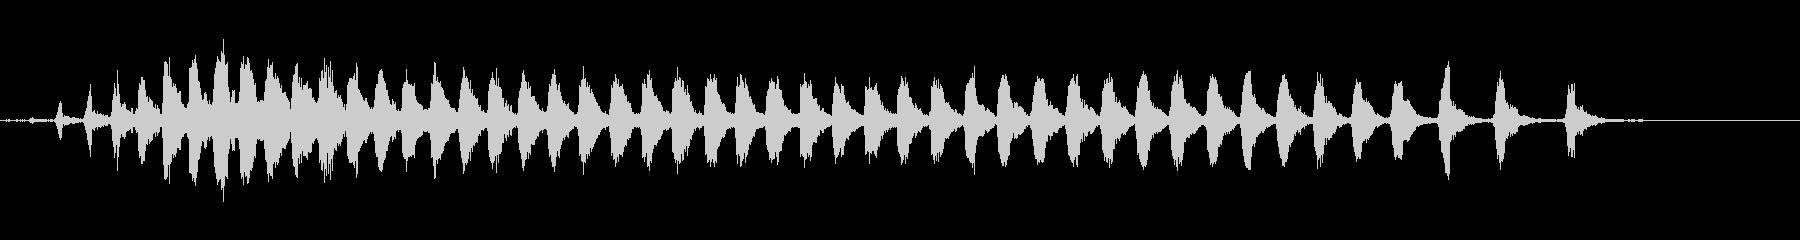 ヒグラシの鳴き声(単独・至近距離)の未再生の波形